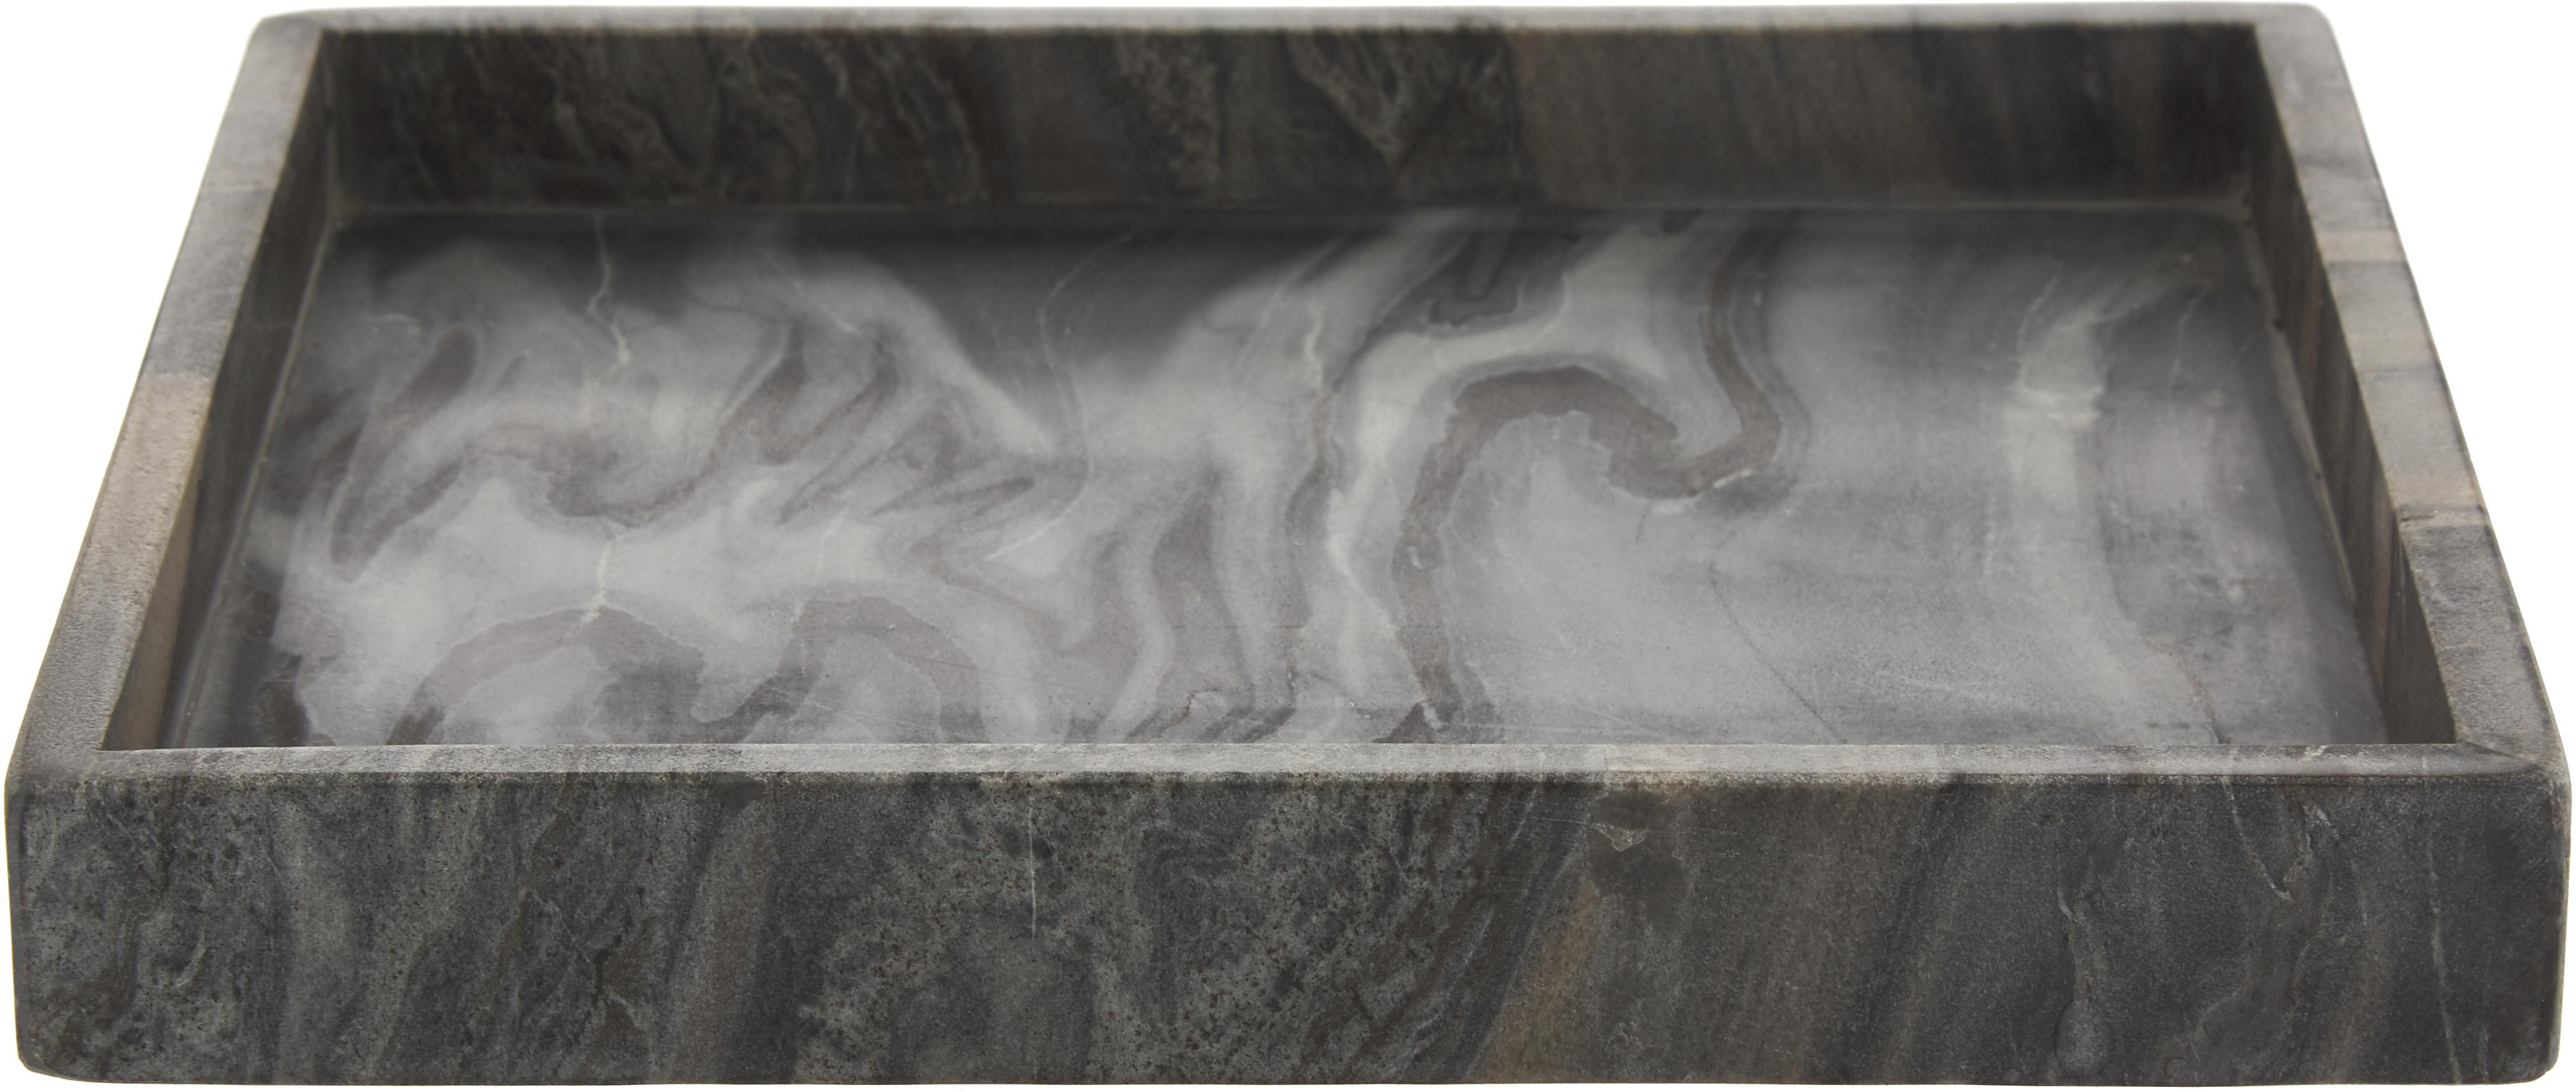 Vassoio decorativo in marmo Ciaran, Marmo, Grigio marmorizzato, Larg. 30 x Prof. 30 cm